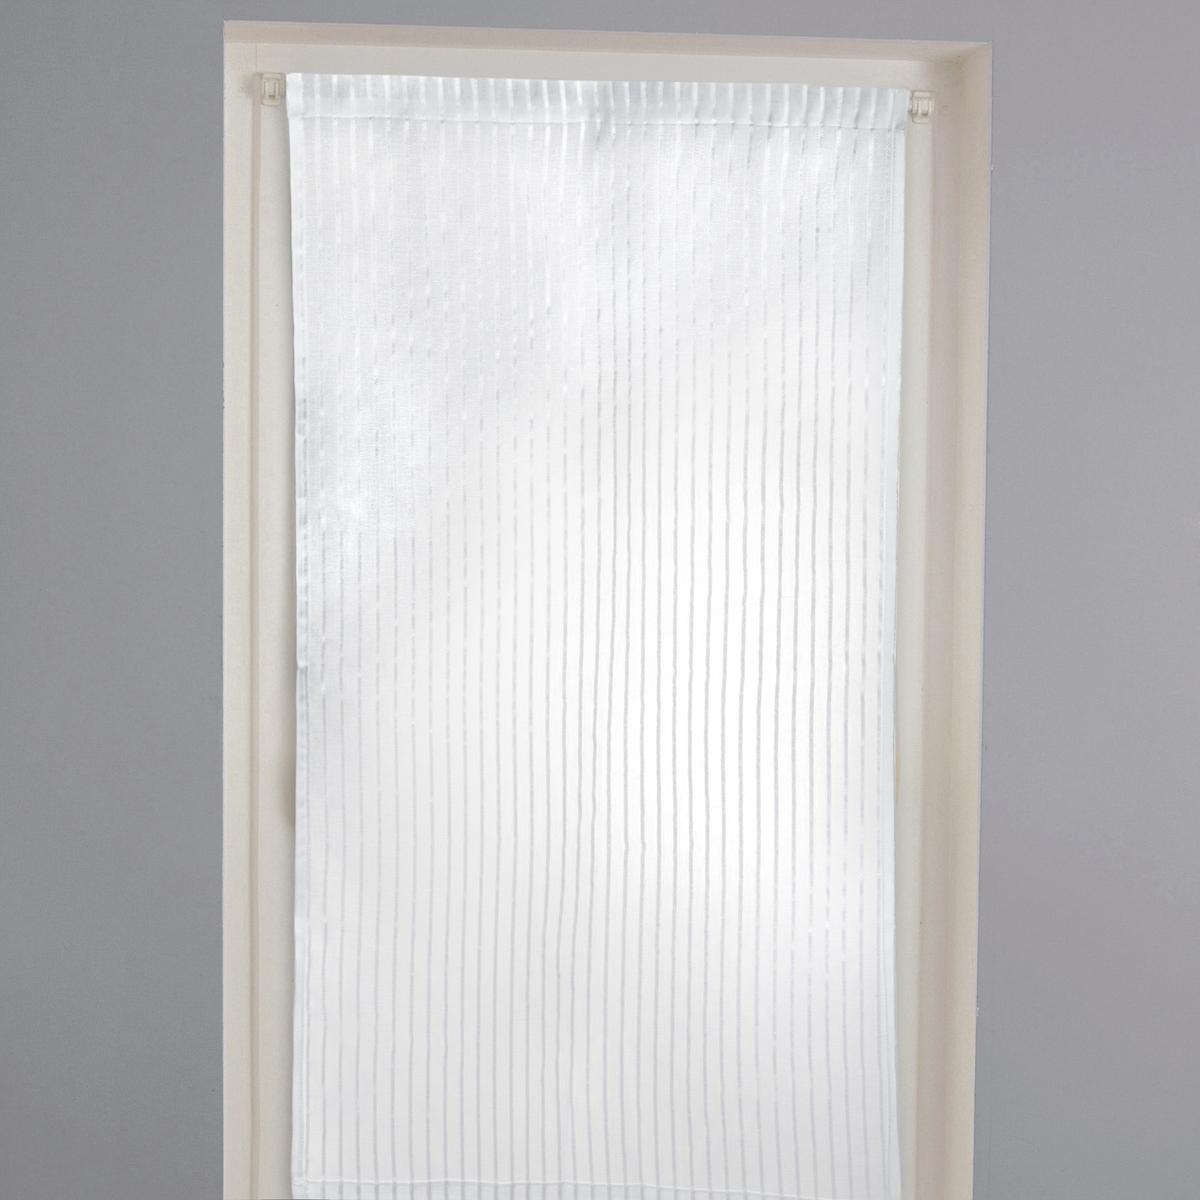 Занавеска с фактурными полосками, на кулиске, GERBERAХарактеристики шторы  :Материал :  100% полиэстер Подшитый низКулиска для карниза Уход : машинная стирка при 30 °.Размеры занавески:90 x 45 см. 90 x 60 см120 x 45 см120 x 60 см<br><br>Цвет: белый